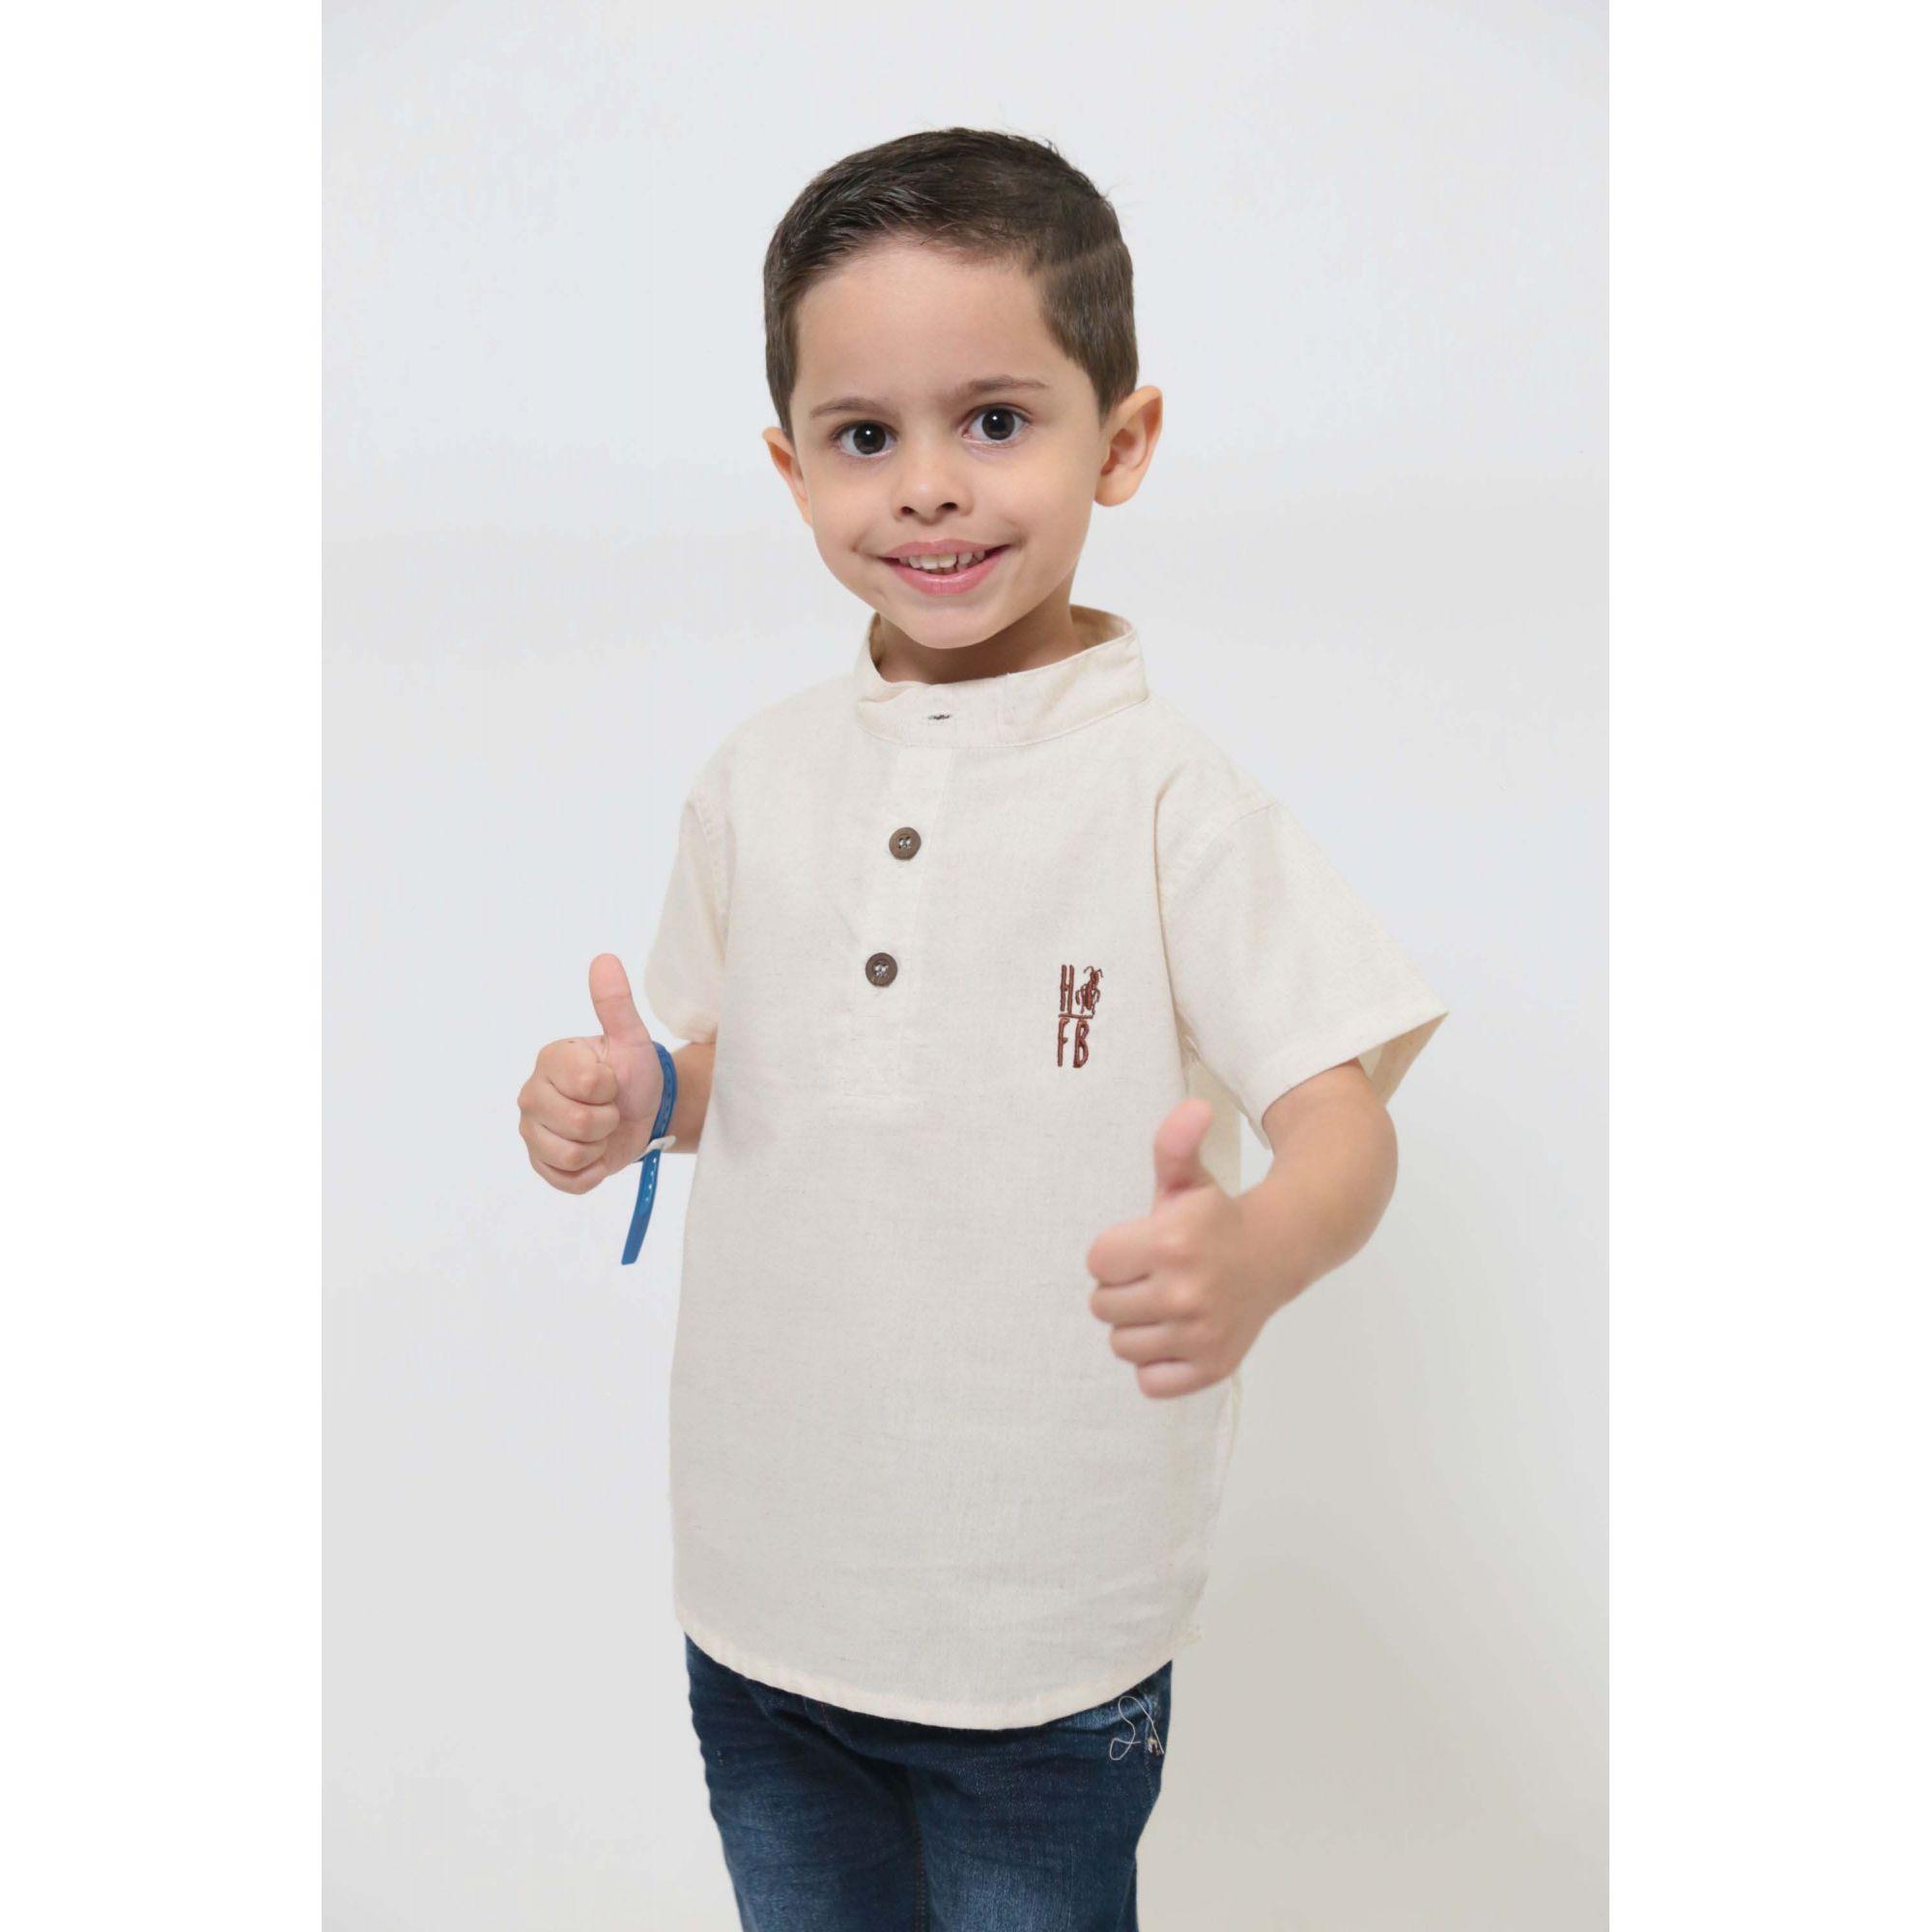 MÃE E FILHO > Kit 02 Camisas Bata - Adulto e Infantil Gola Padre [Coleção Tal Mãe Tal Filho]  - Heitor Fashion Brazil